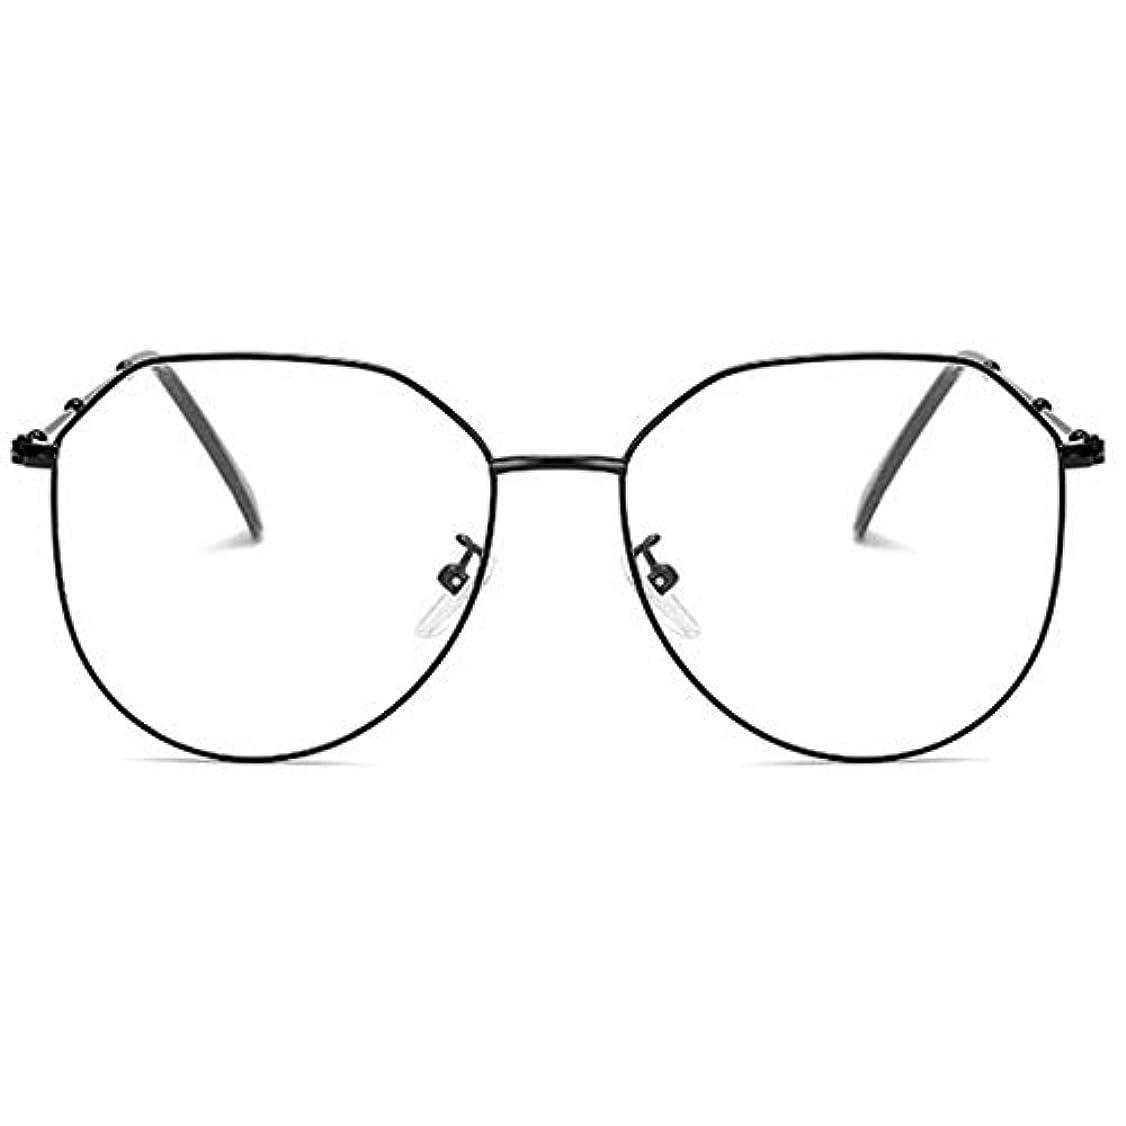 オークション波紋ボランティア放射線防護アンチブルーライト男性女性メガネ軽量金属フレームプレーンミラーレンズアイウェアメガネ-ブラック